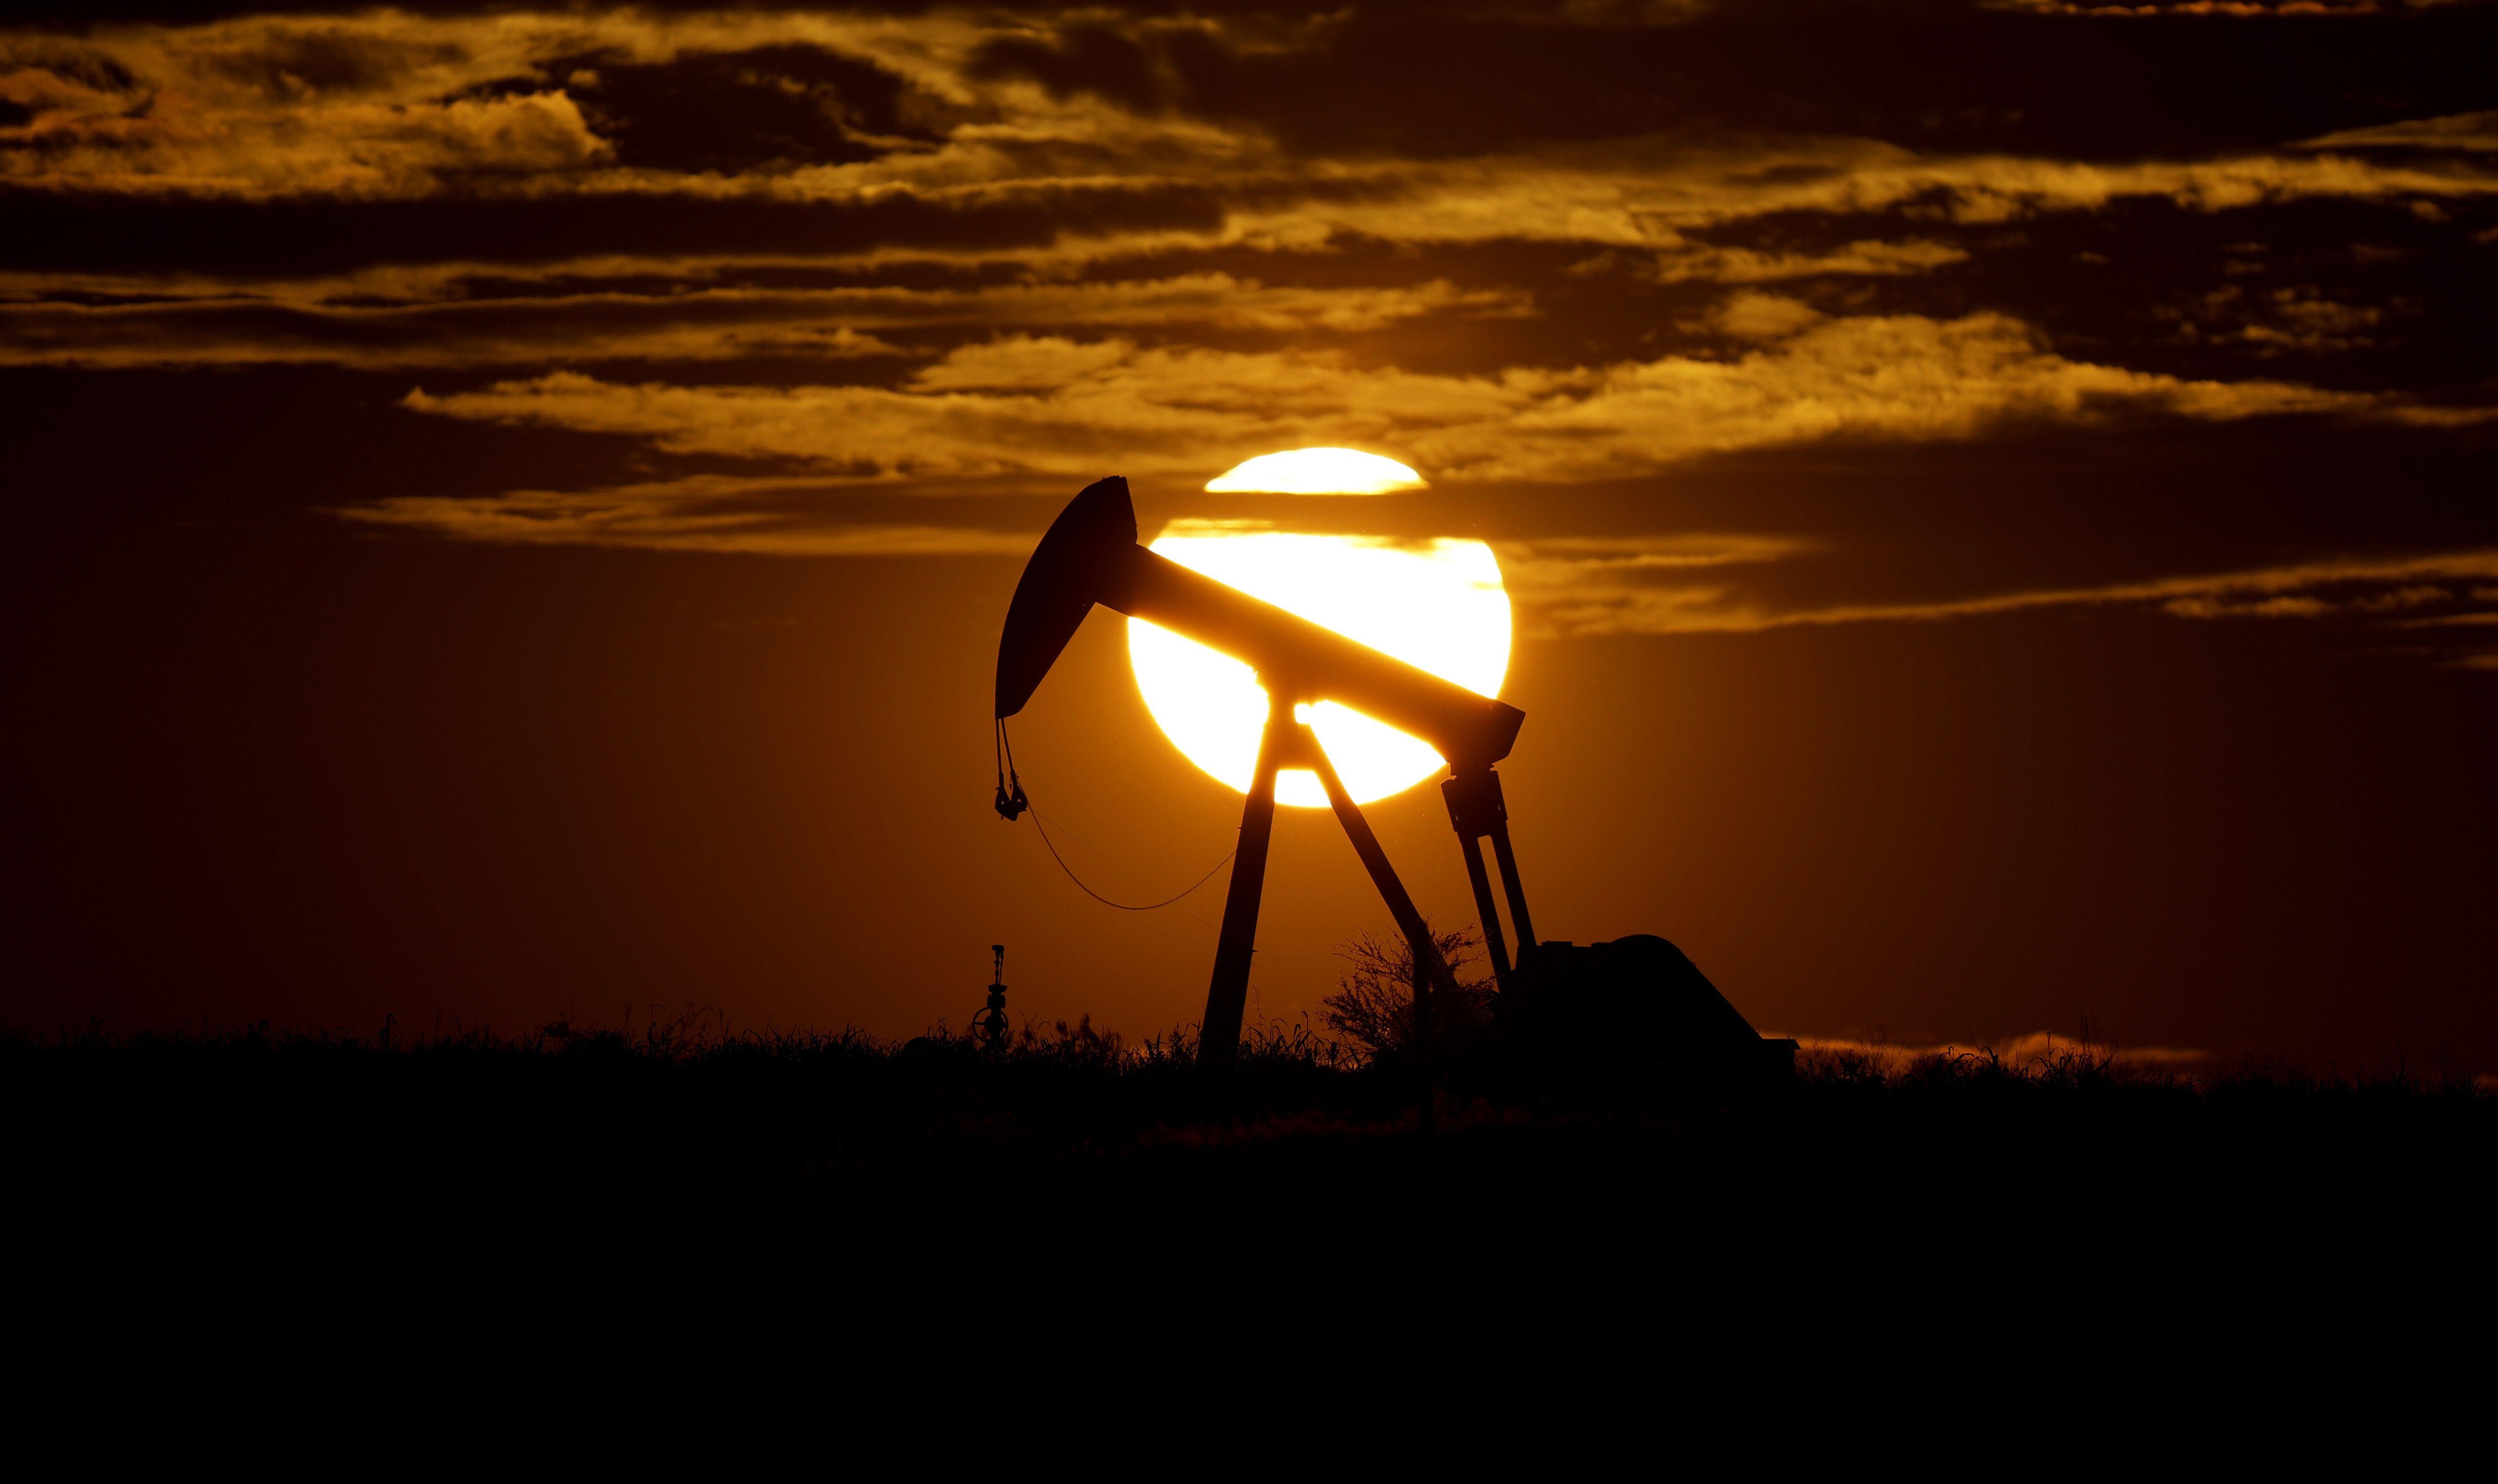 opep: petroleo sera principal fuente de energia por decadas